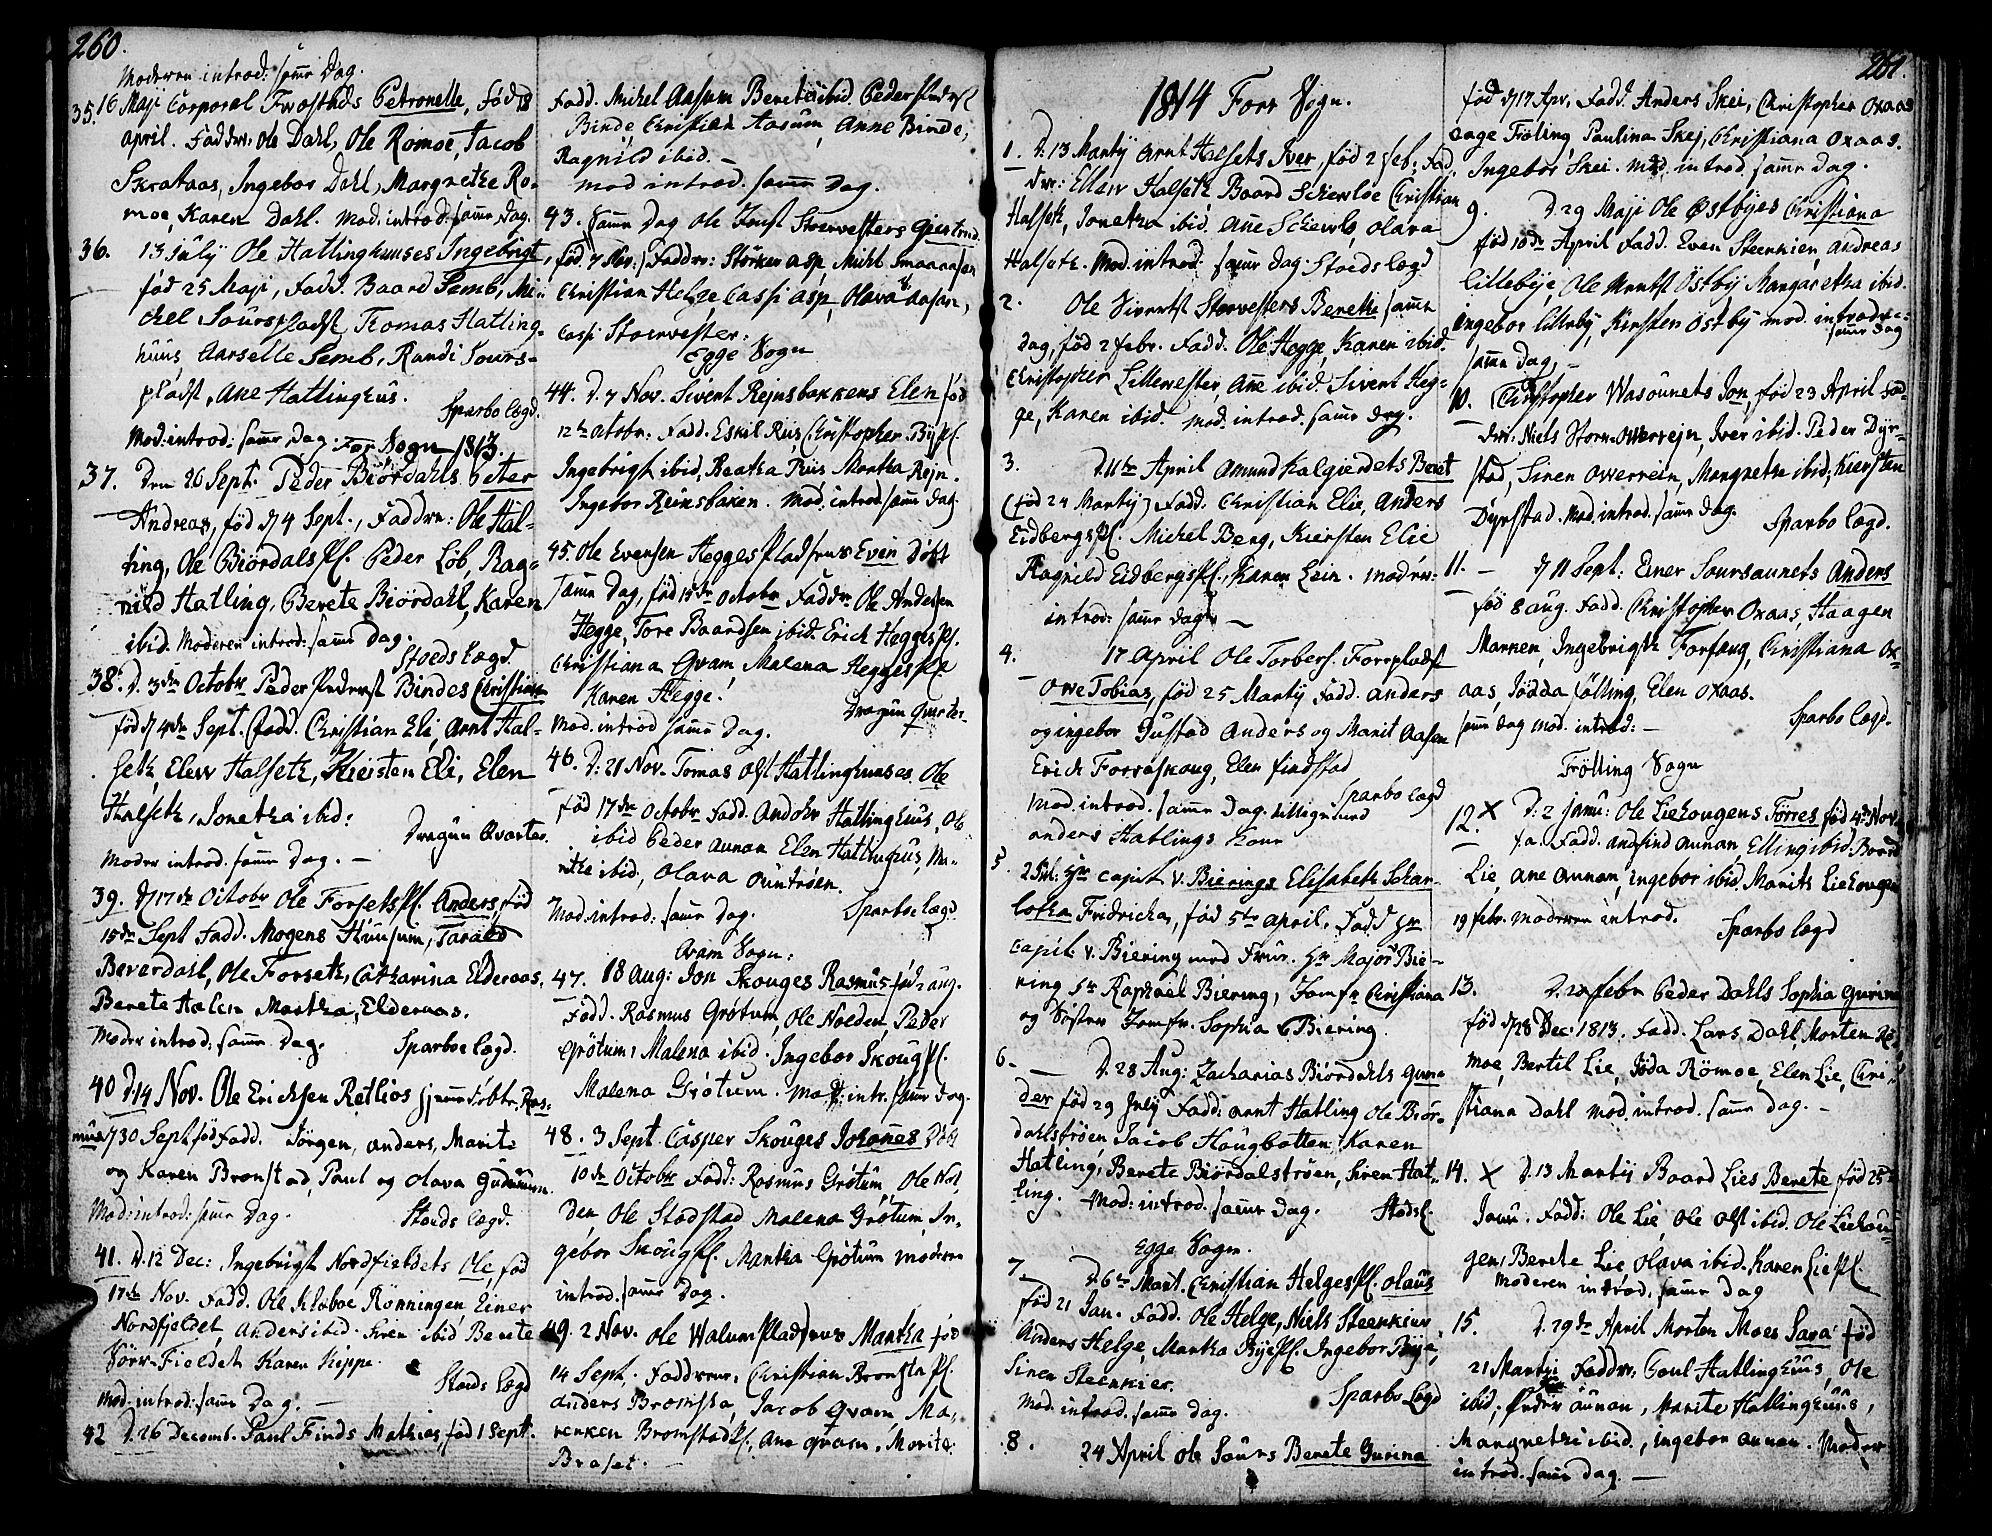 SAT, Ministerialprotokoller, klokkerbøker og fødselsregistre - Nord-Trøndelag, 746/L0440: Ministerialbok nr. 746A02, 1760-1815, s. 260-261